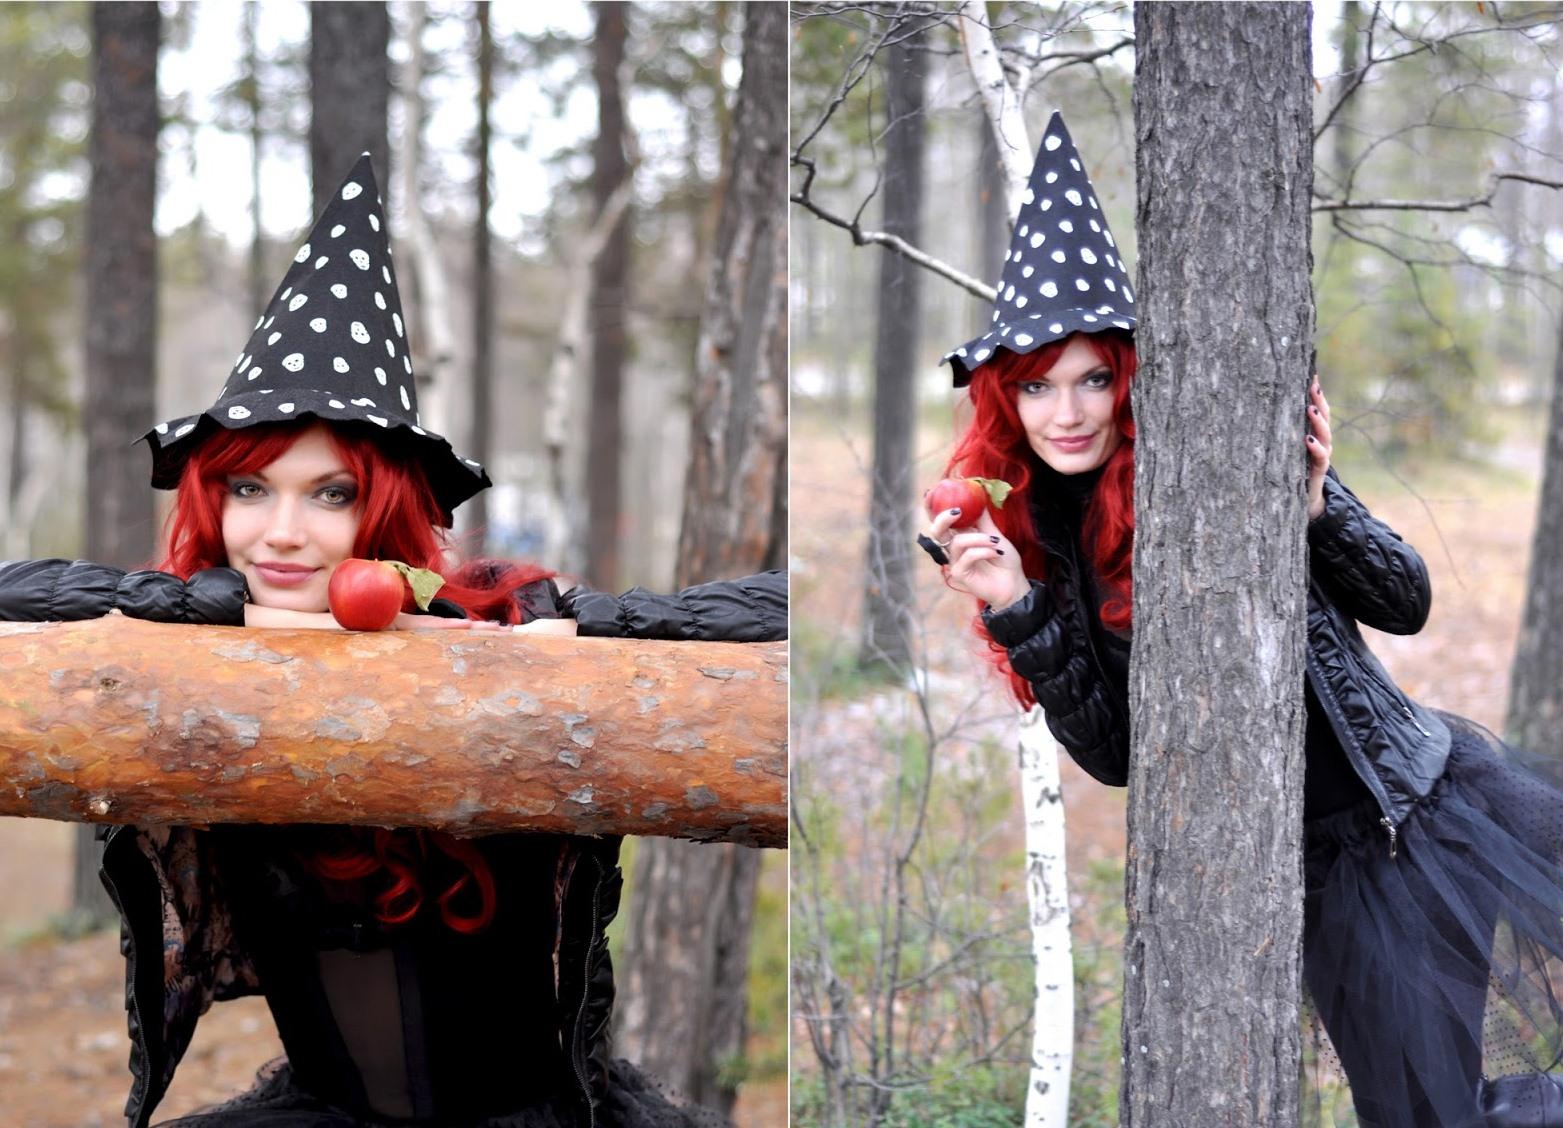 горки идеи для хэллоуина фотосессия чтоб тобою